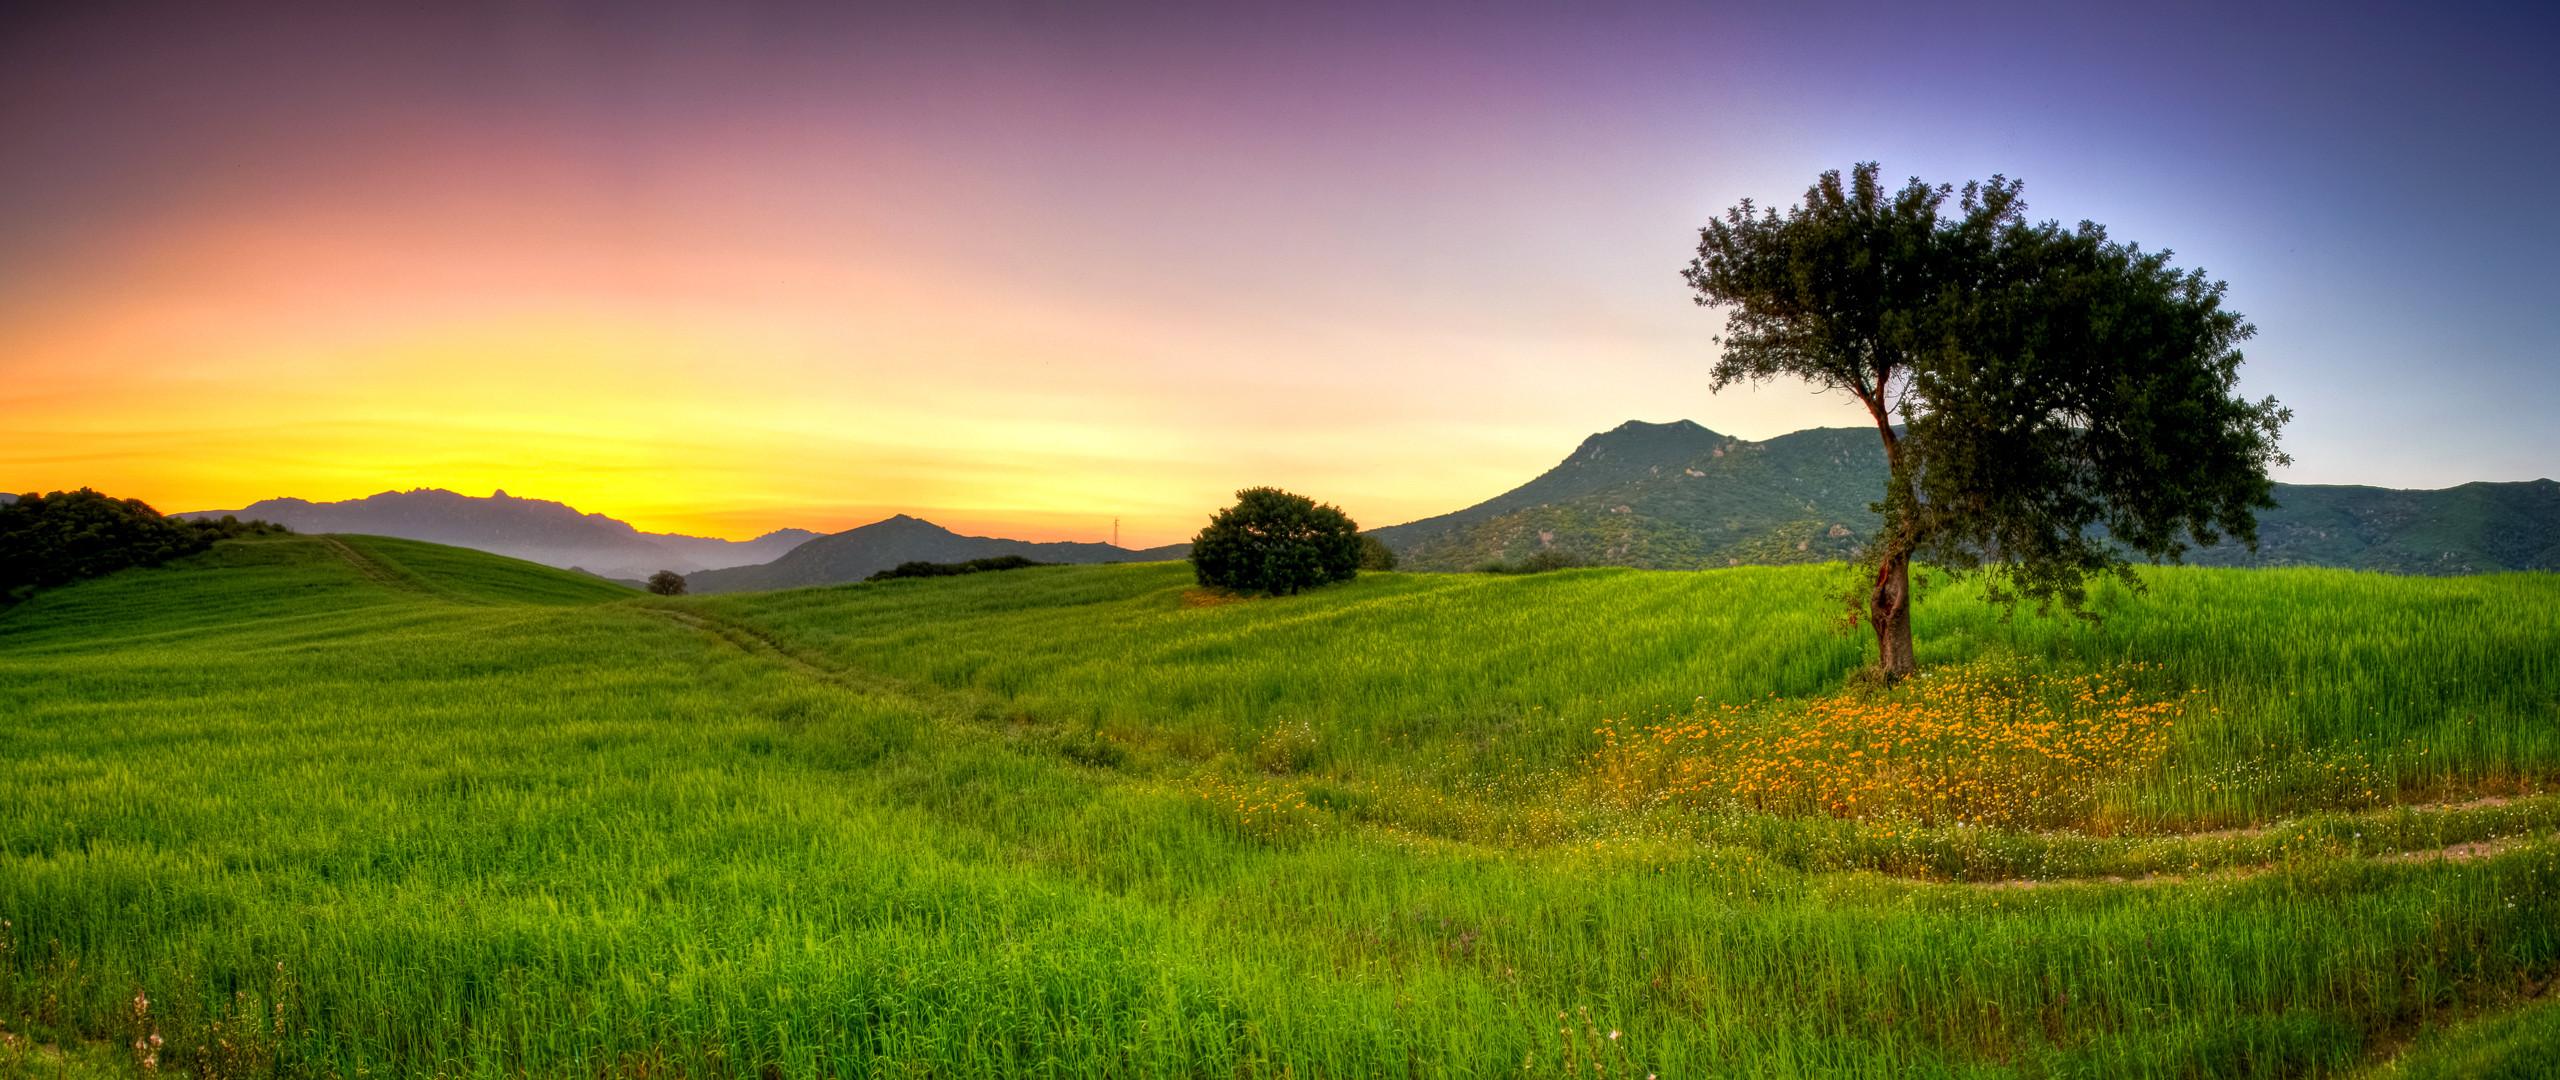 Res: 2560x1080, Erde/Natur - Landschaft Baum Wallpaper